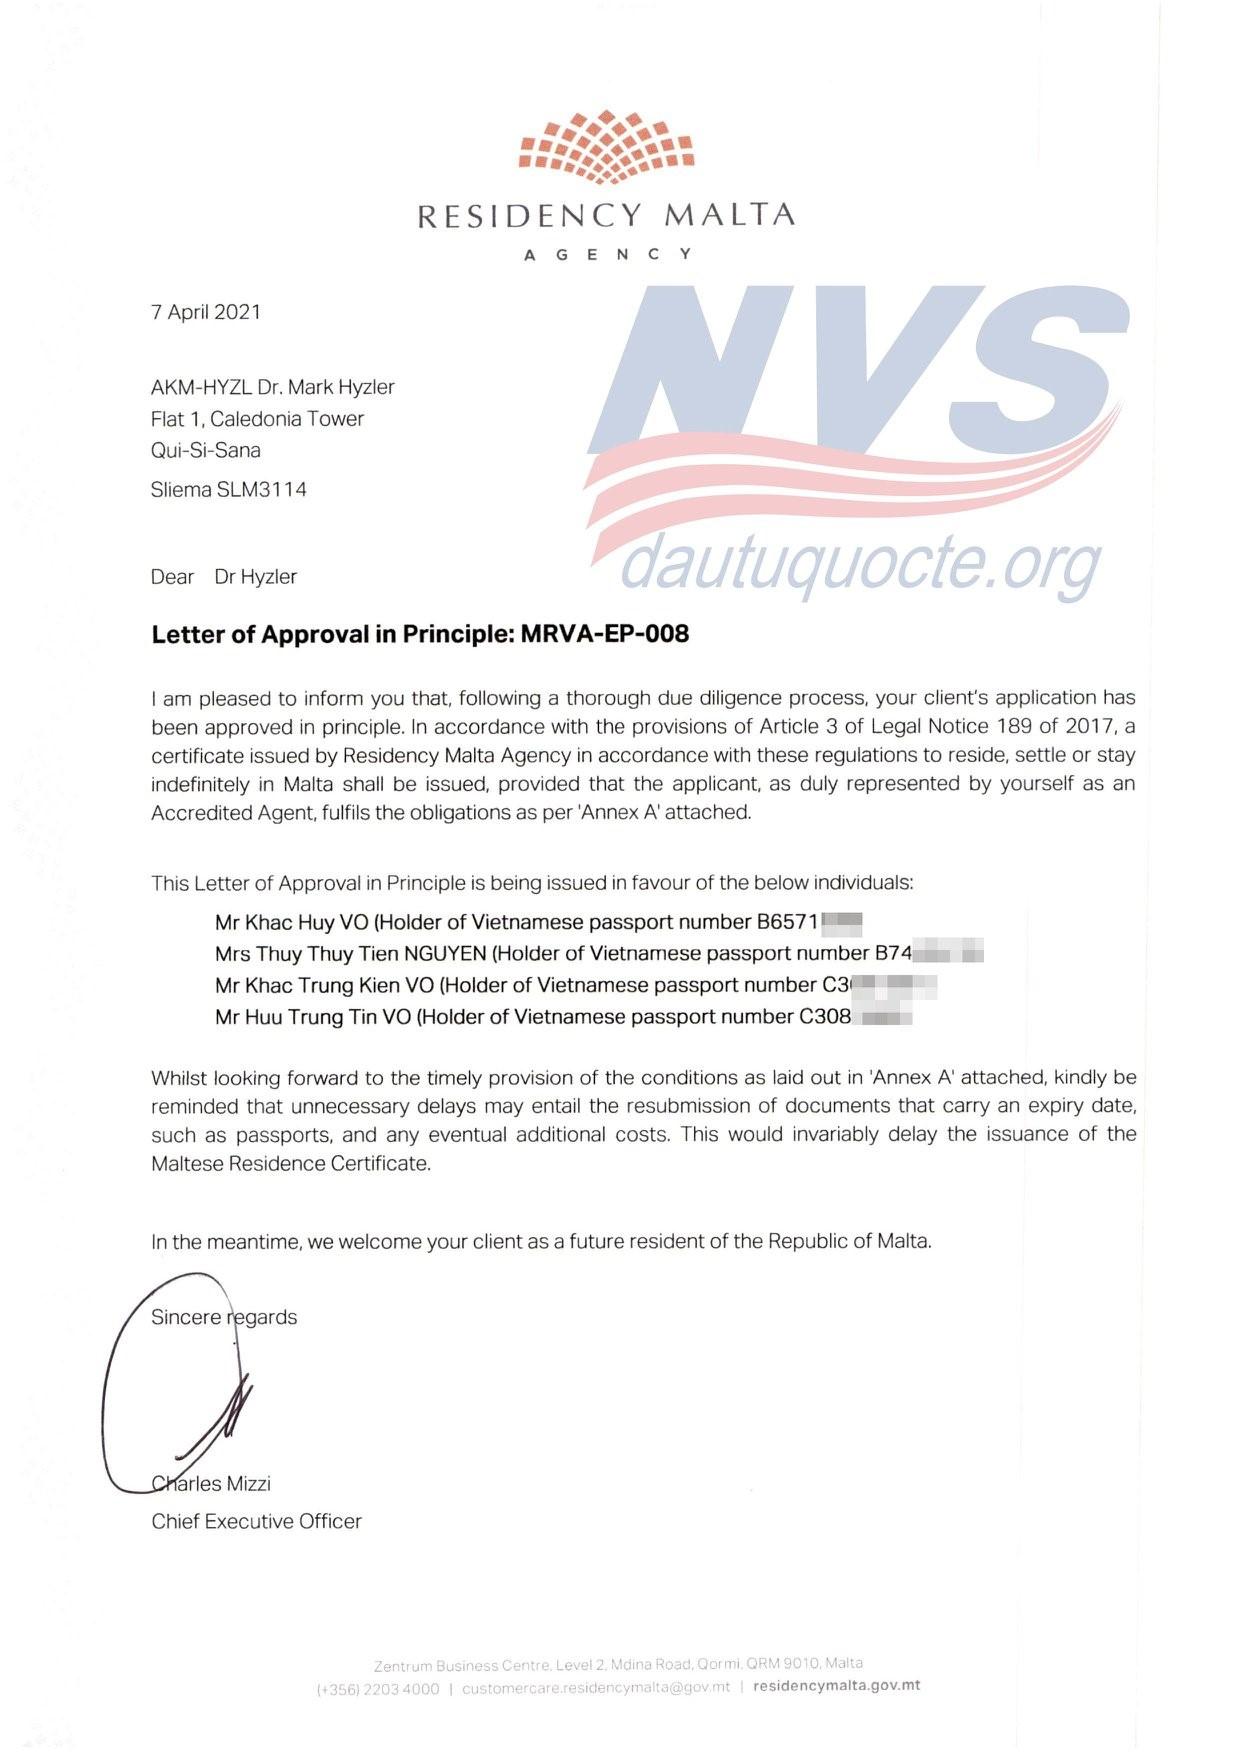 thư chấp thuận đầu tư Malta của anh Võ Khắc Huy, khách hàng NVS